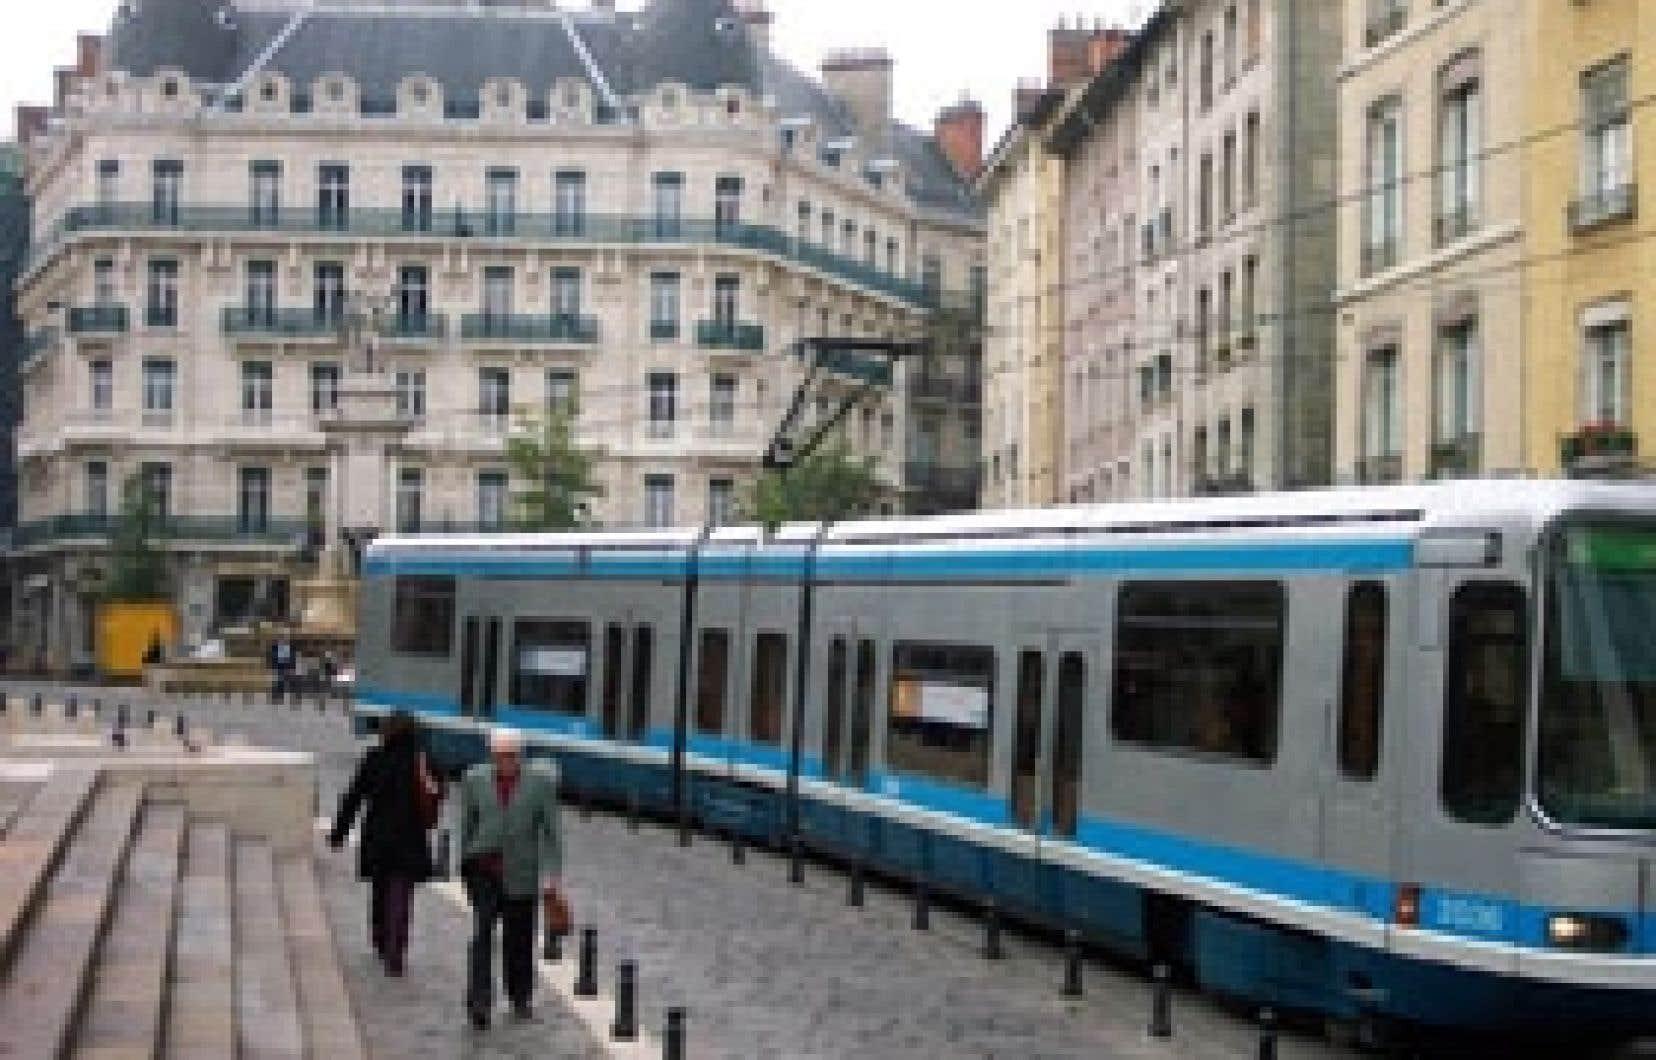 Grenoble et son nouveau tramway. Source: AMT Grenoble